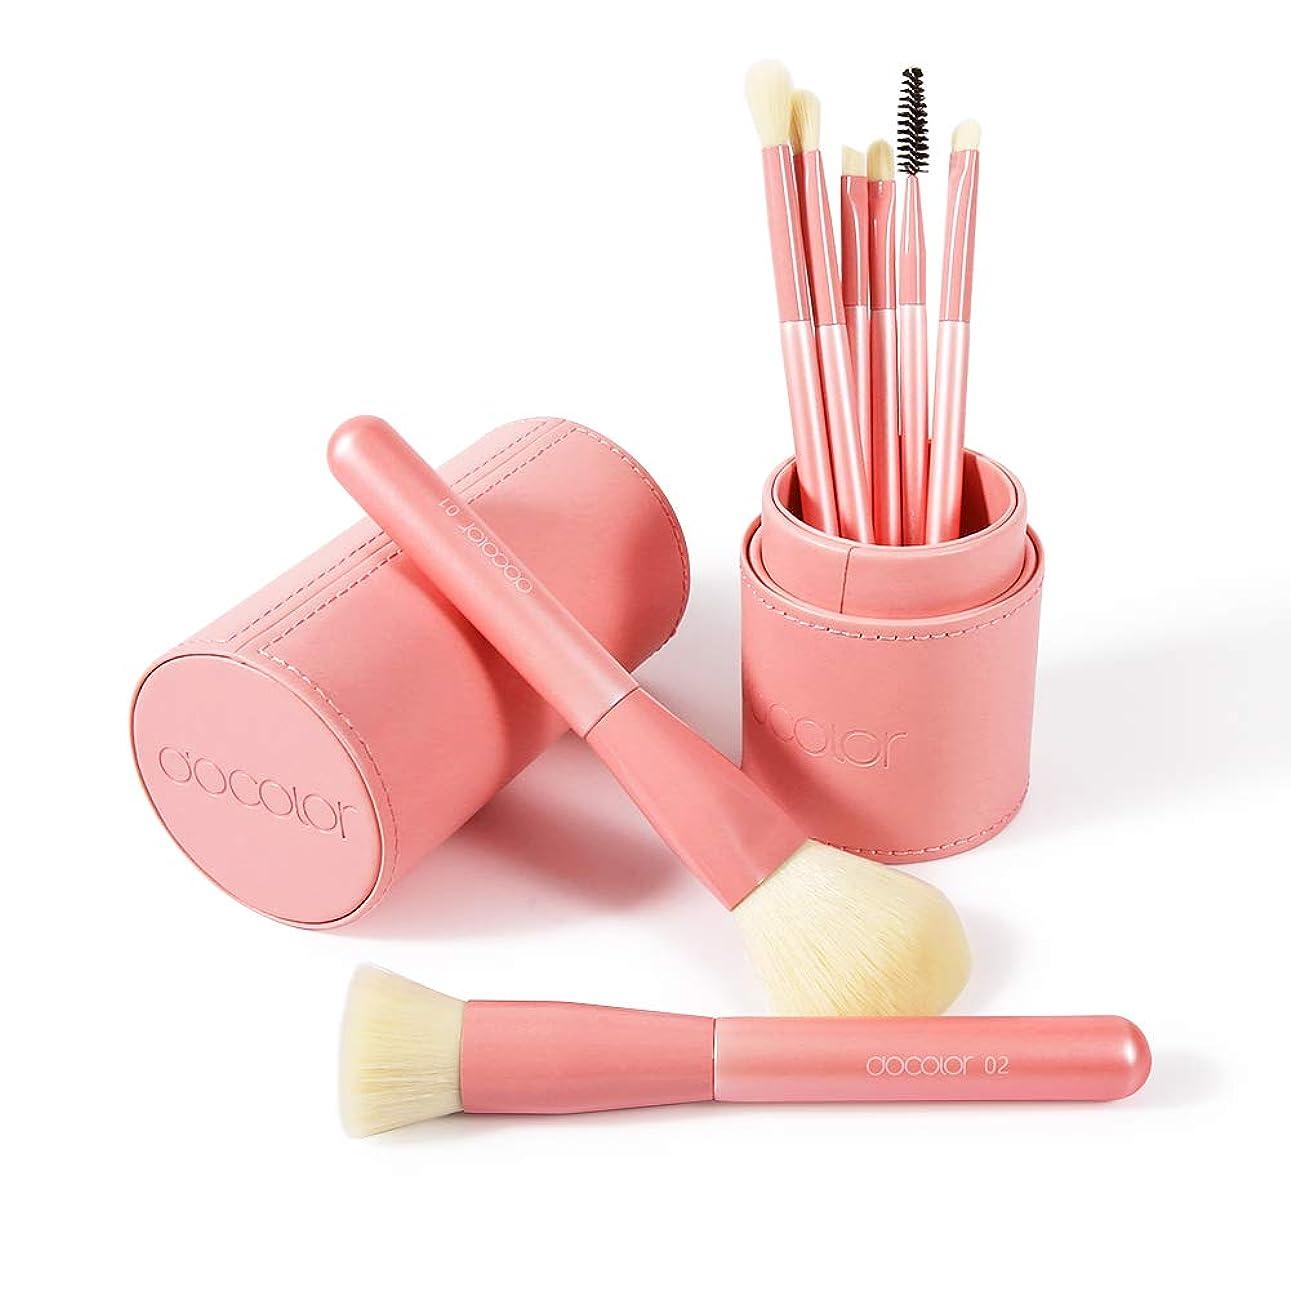 Docolor ドゥカラー 化粧筆 メイクブラシ8本セット ホルダーケース付き  ピンク